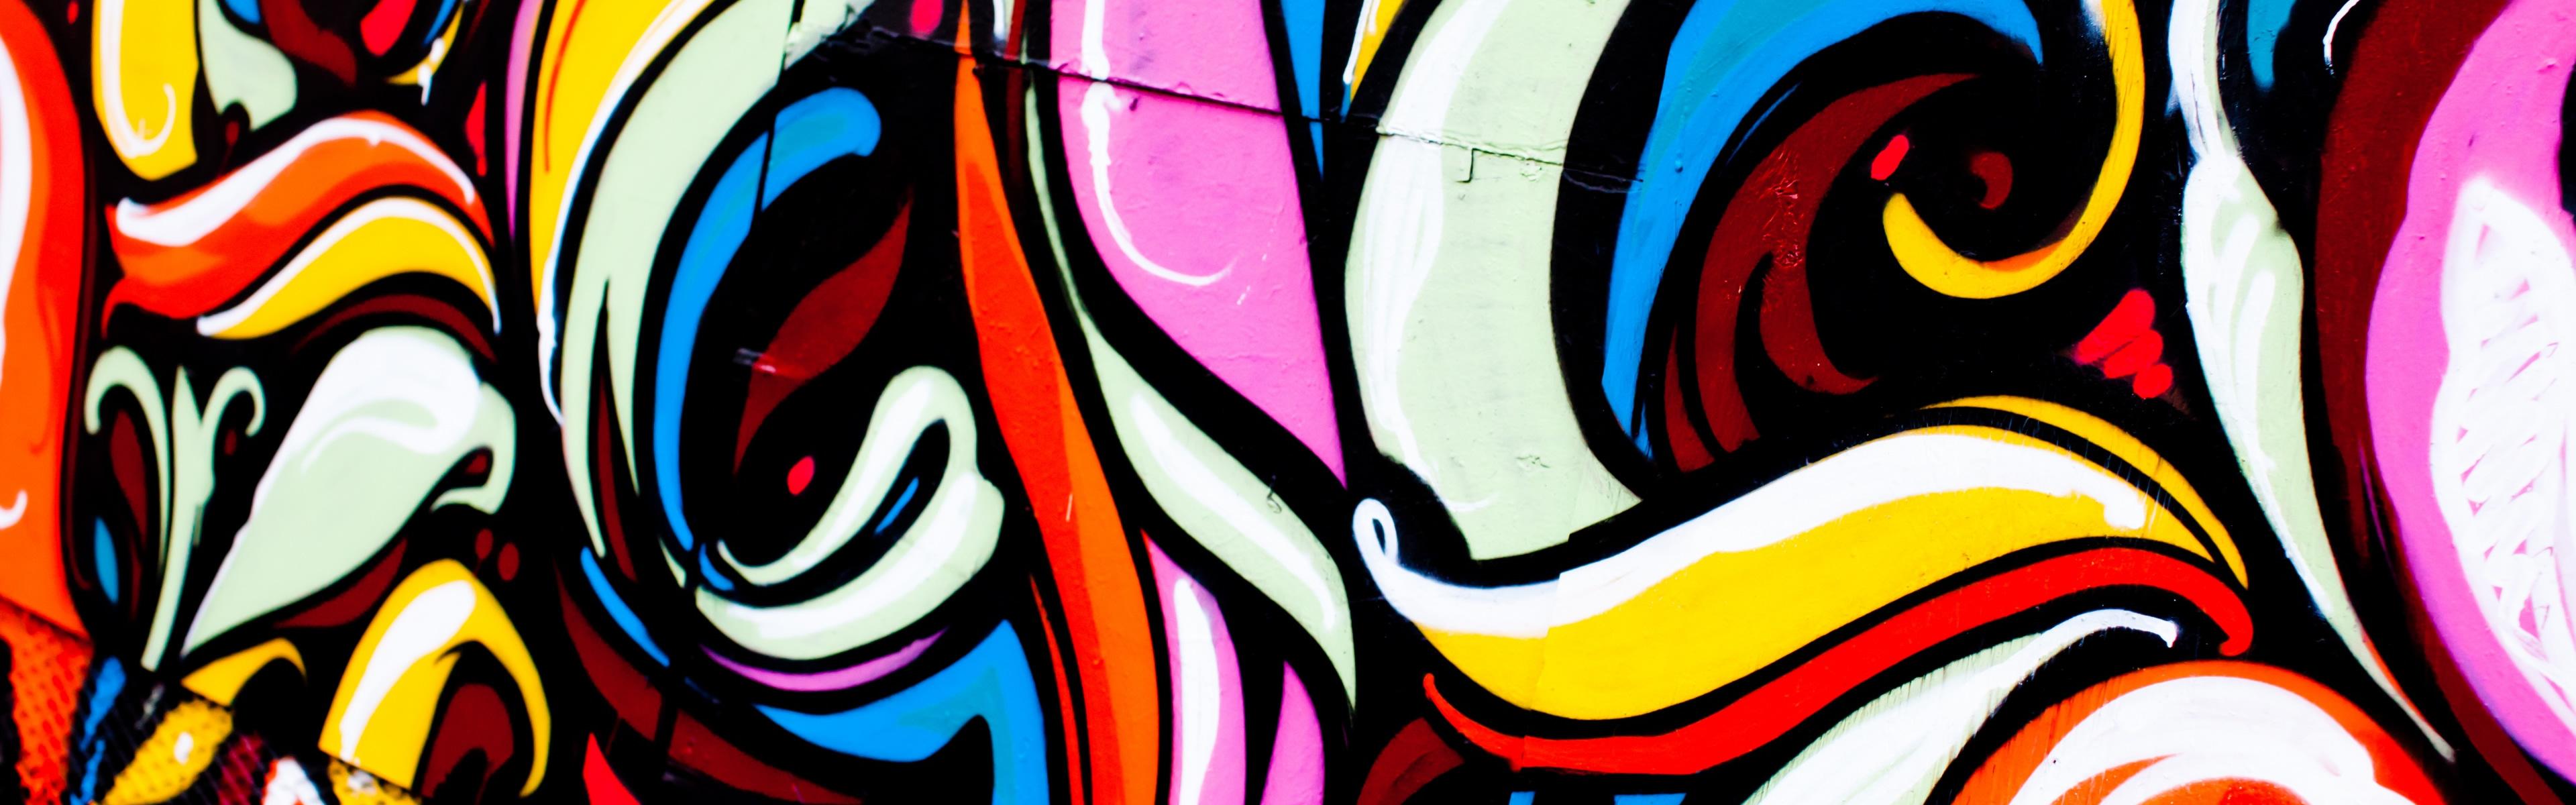 Art Of Graffiti iPhone Panoramic Wallpaper Download iPad Wallpapers 3840x1200